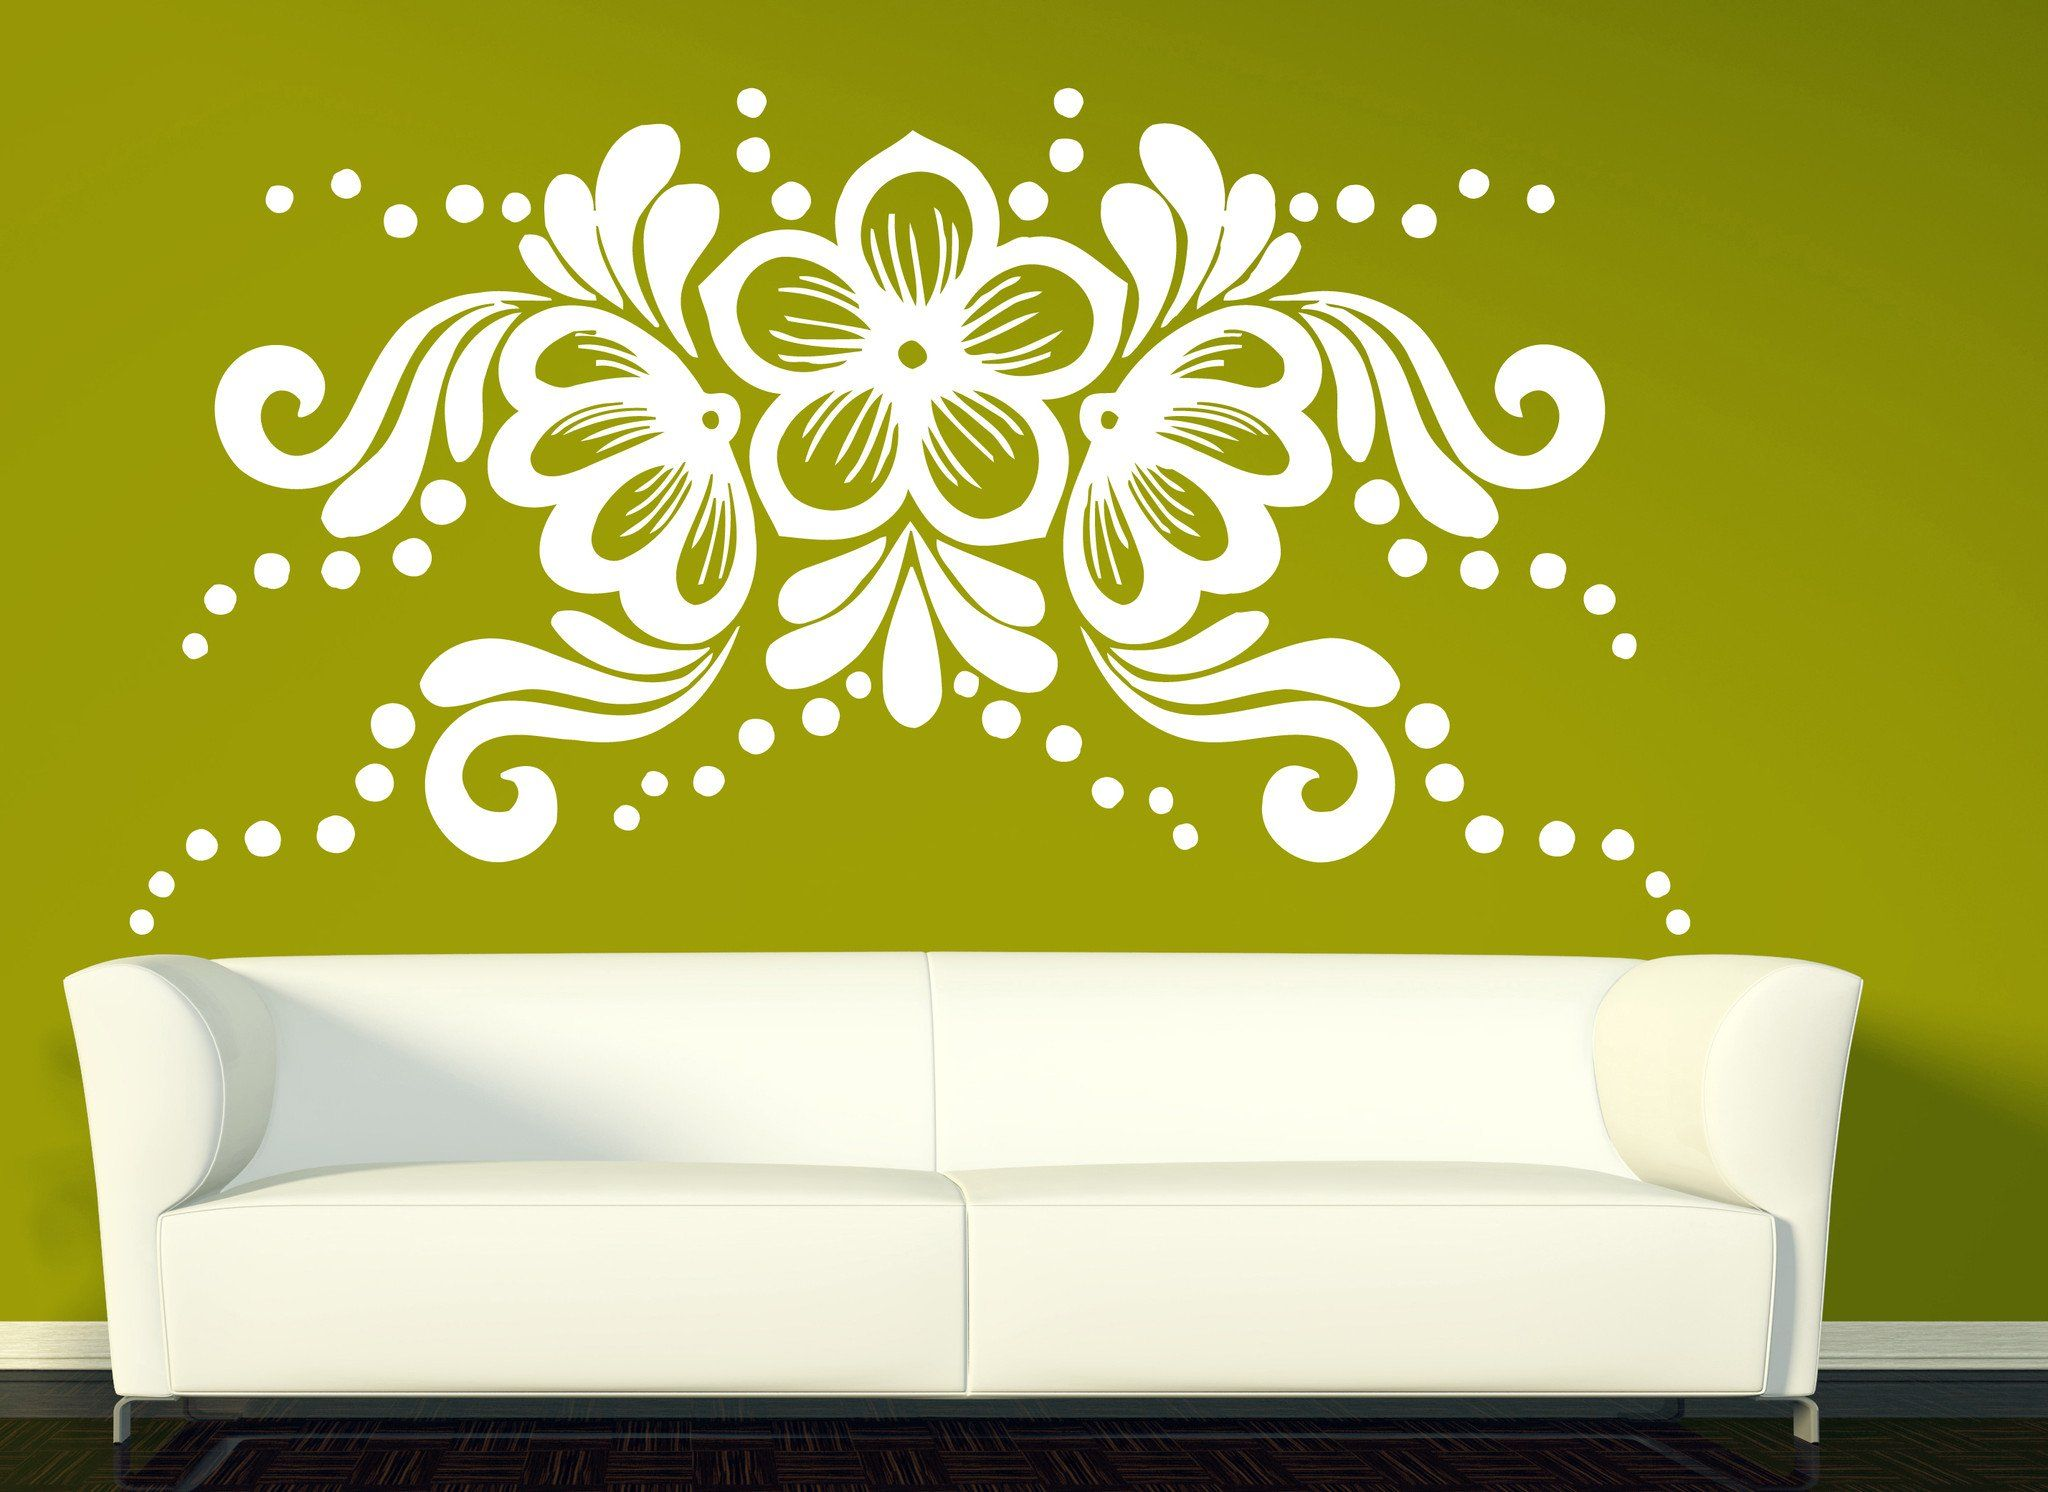 Vinyl Decal Flower Arrangement Horizontal Ornament Wall Sticker ...